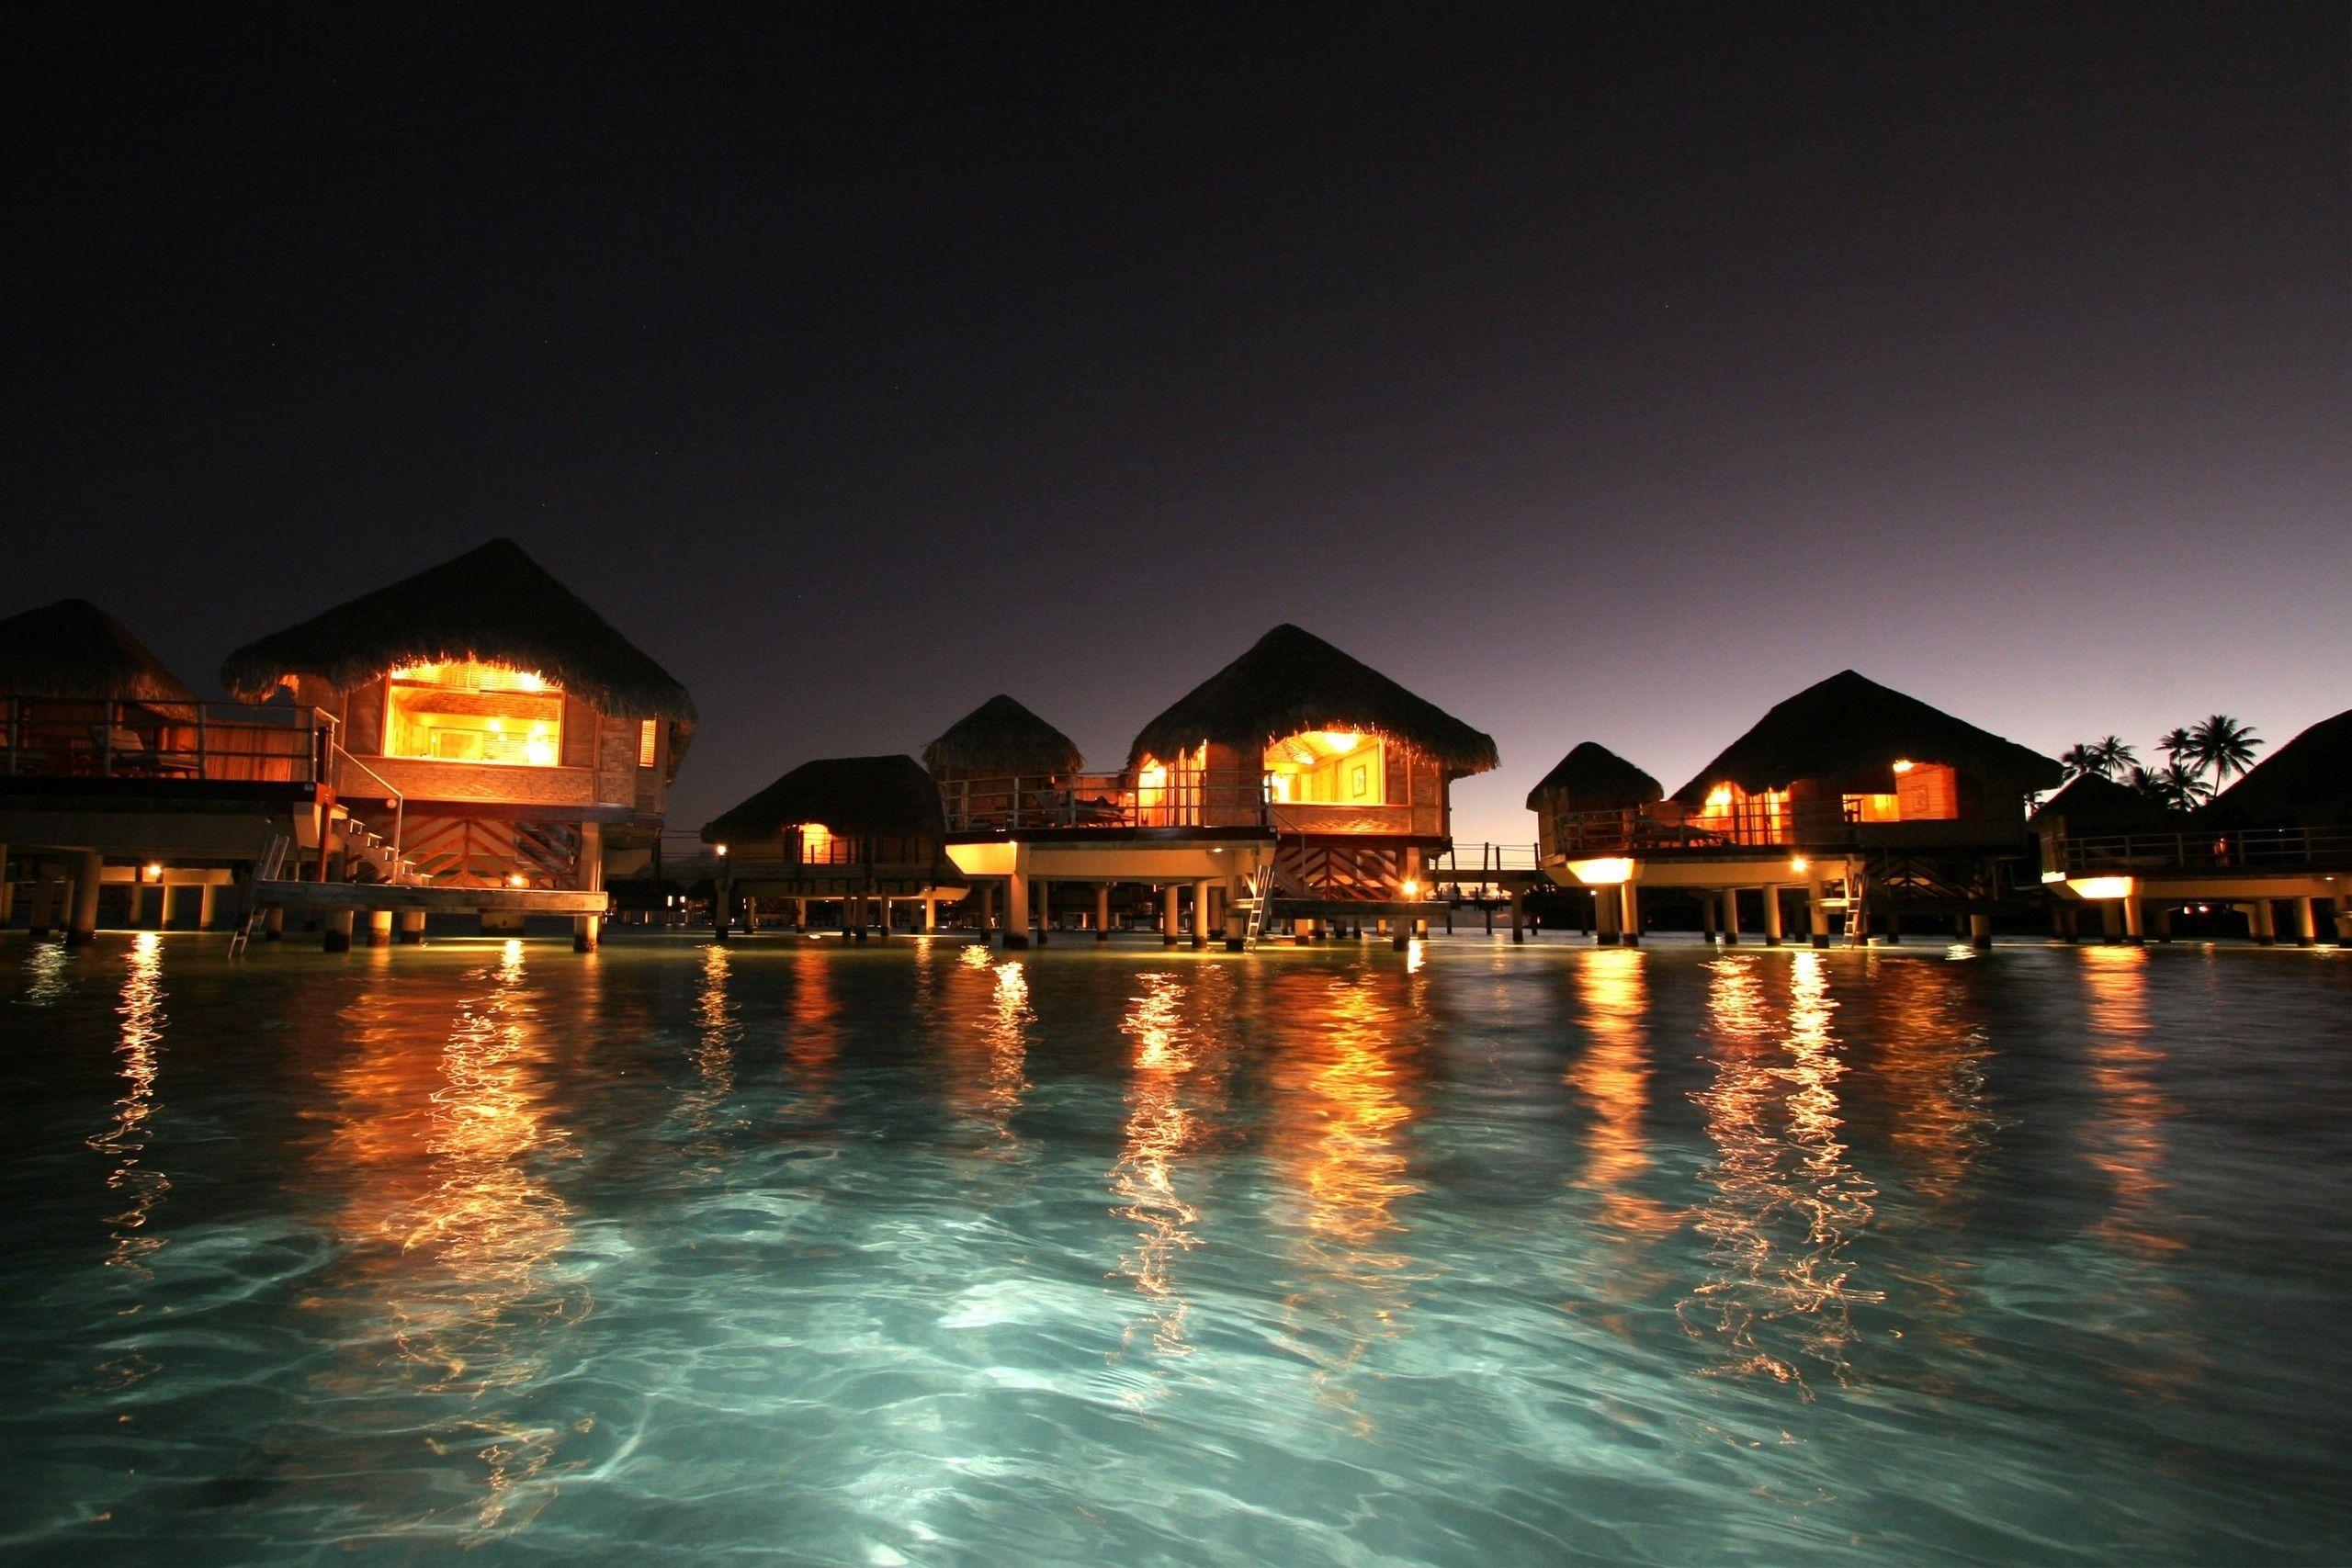 Maldives Ocean Night Ozean Nacht Malediven Wallpaper Allwallpaper In 14814 Maldives Wallpaper Island Resort Ocean At Night